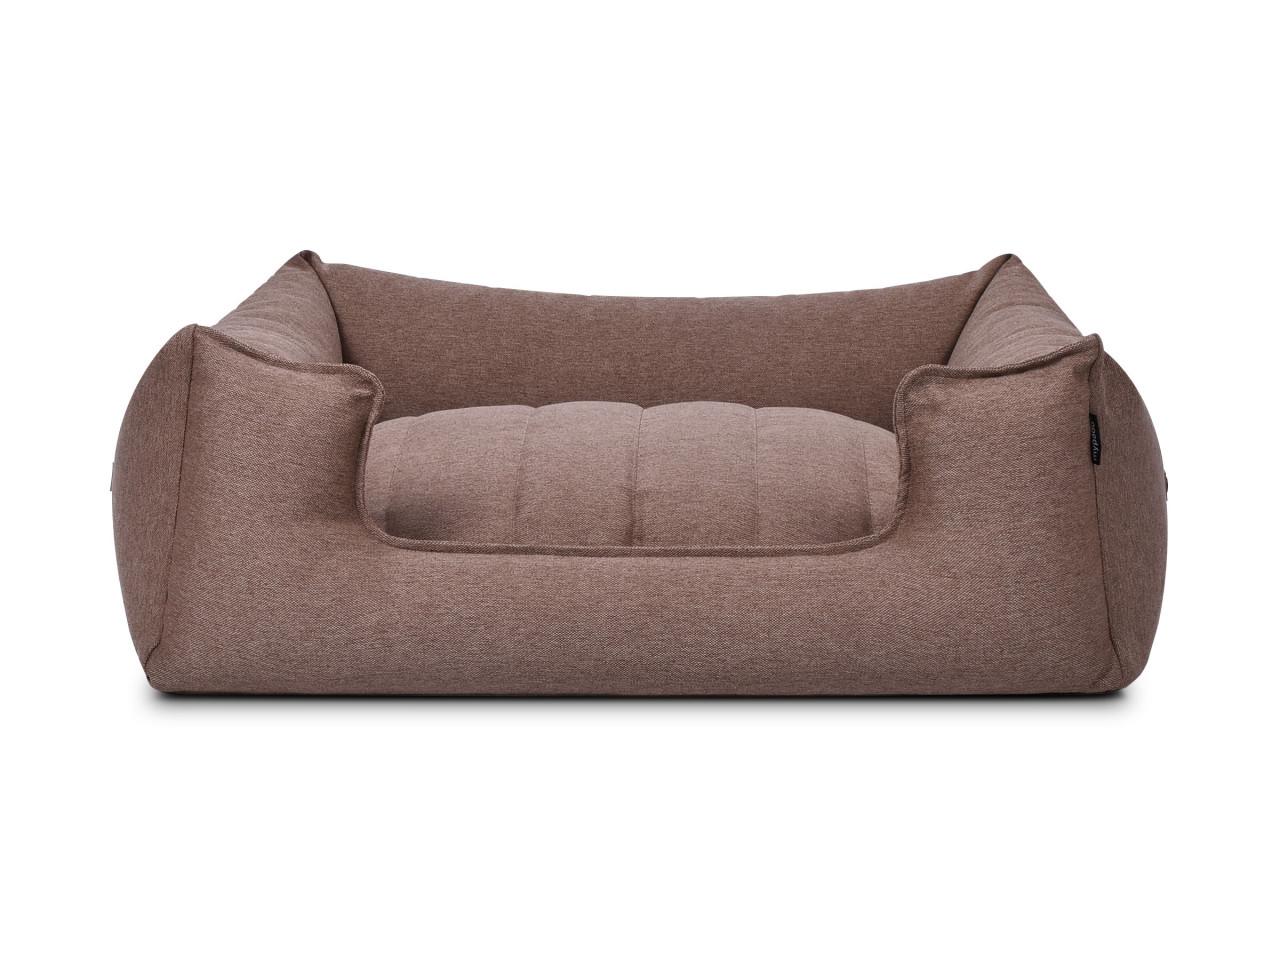 hundebett-NORDIC-basic-terra brown